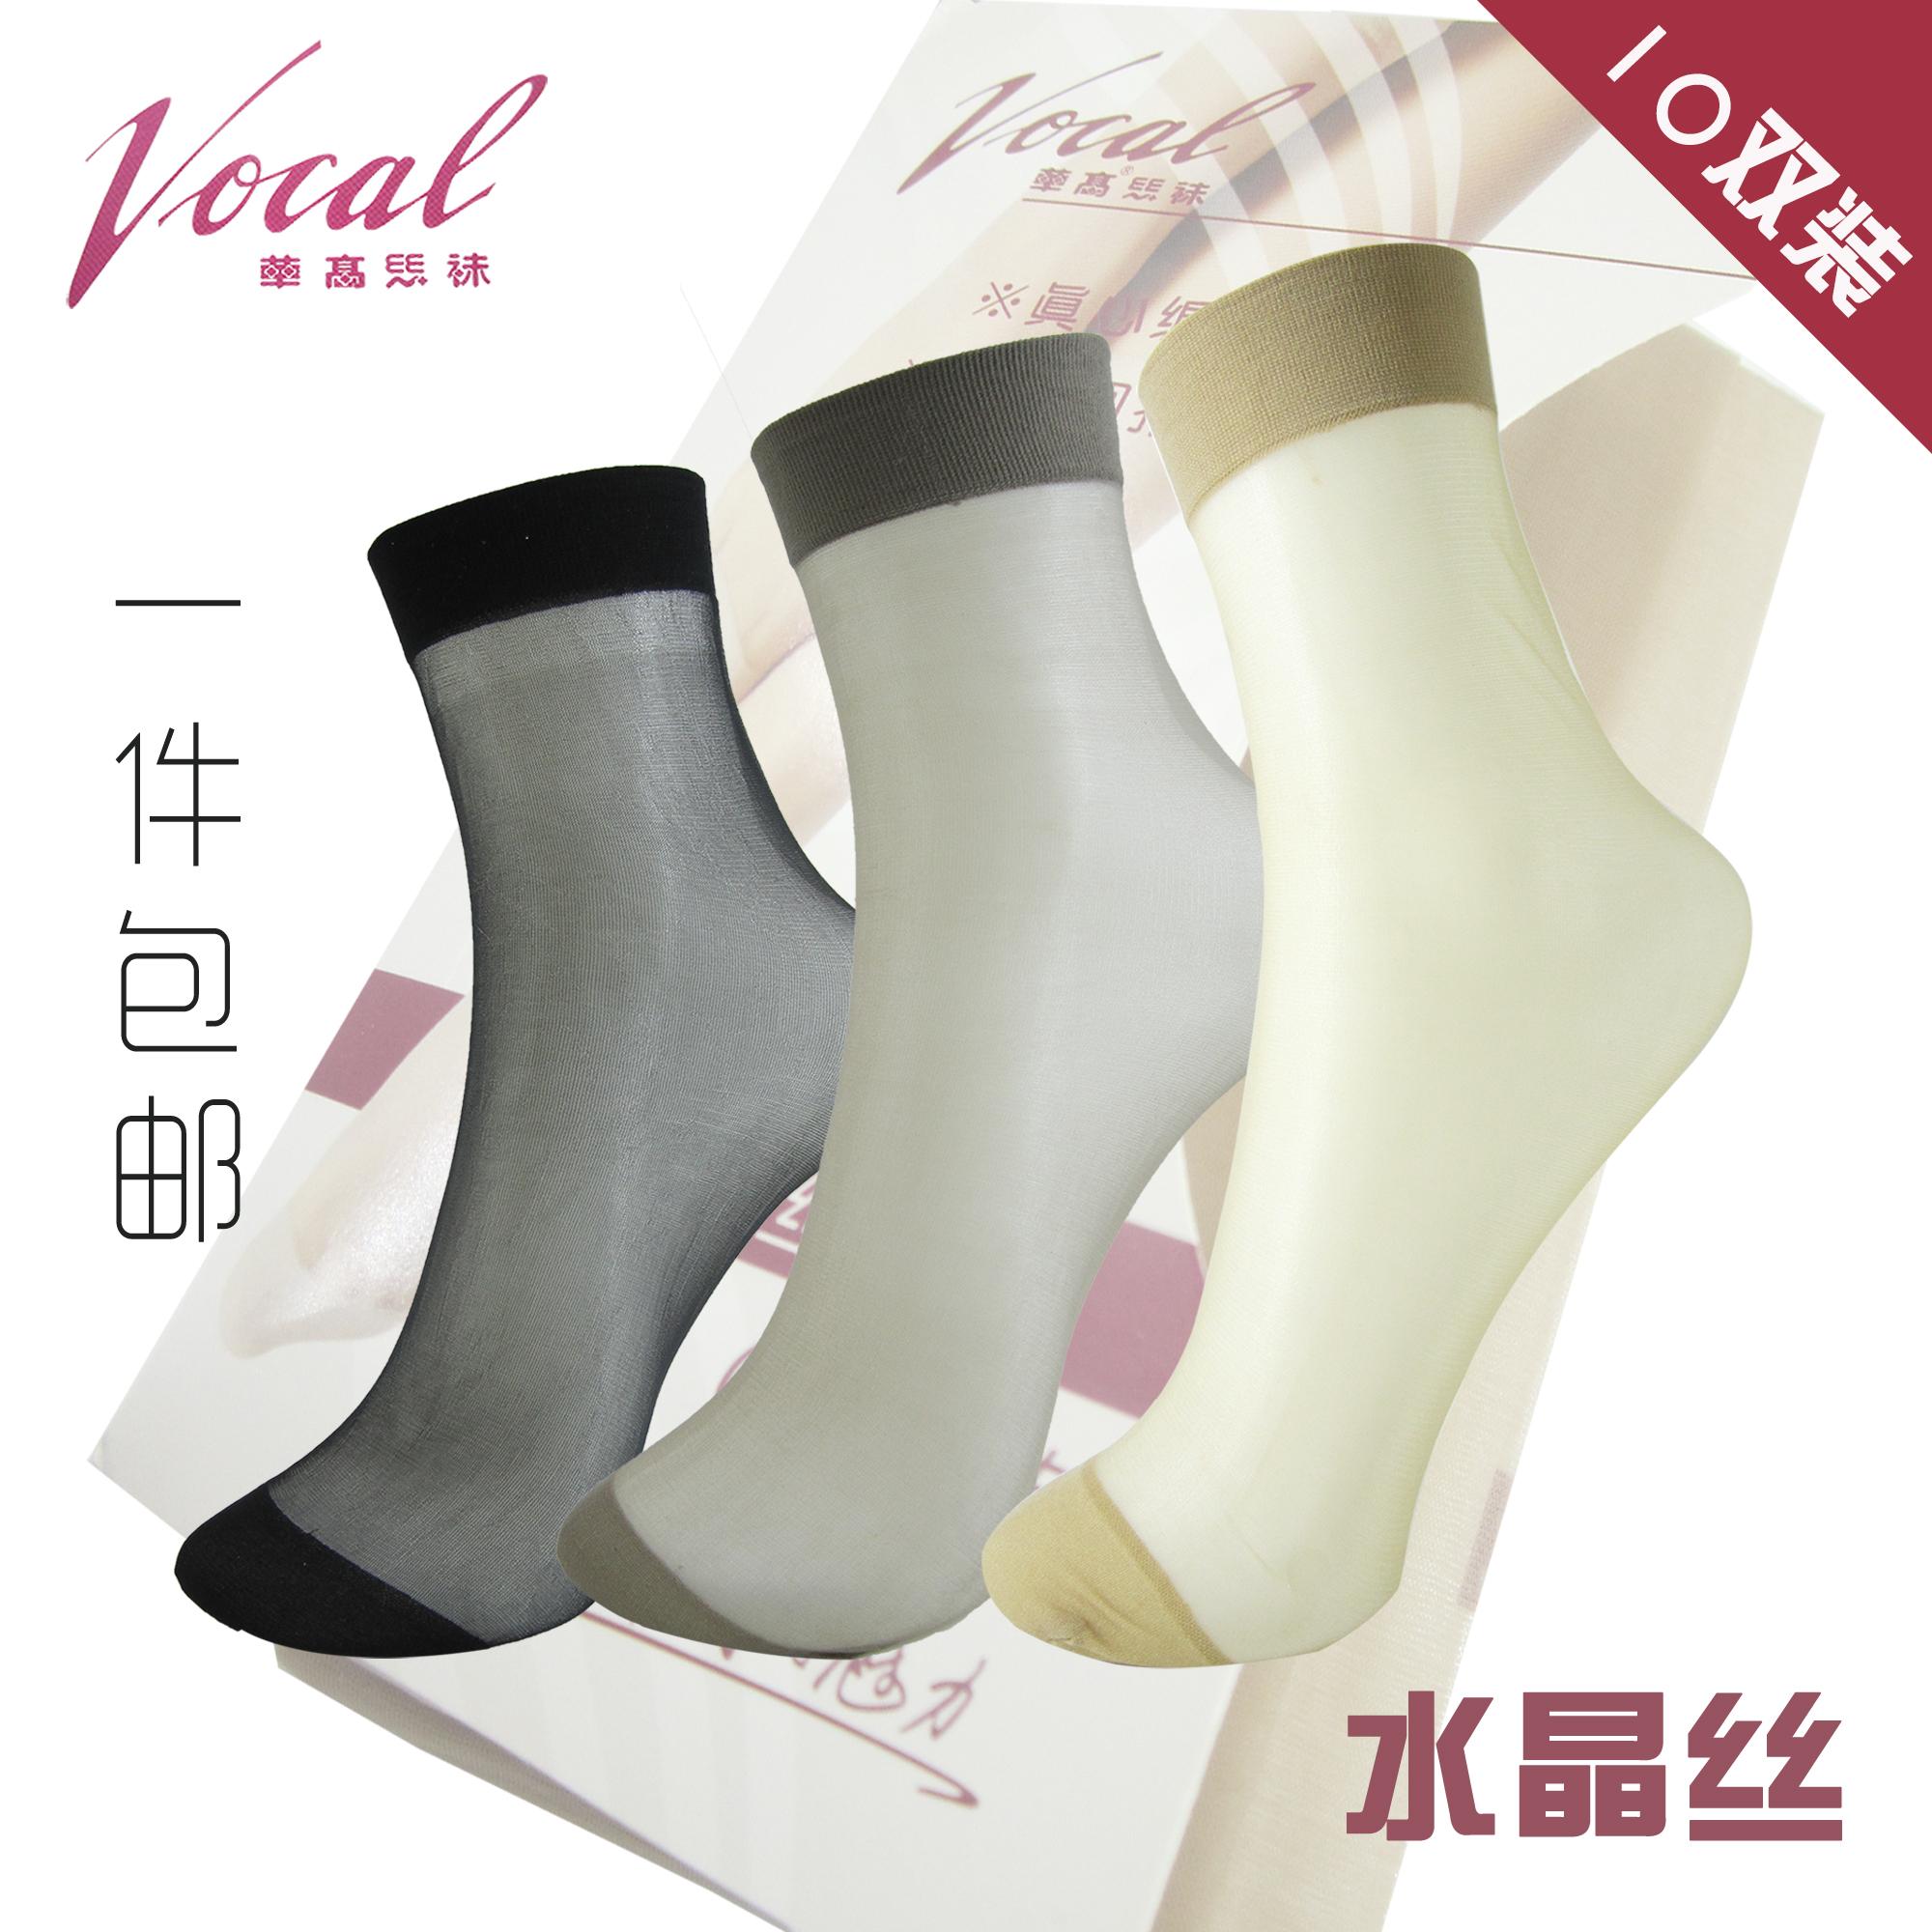 一件免邮【10双装】11085华高丝袜女袜水晶丝短袜华高透明